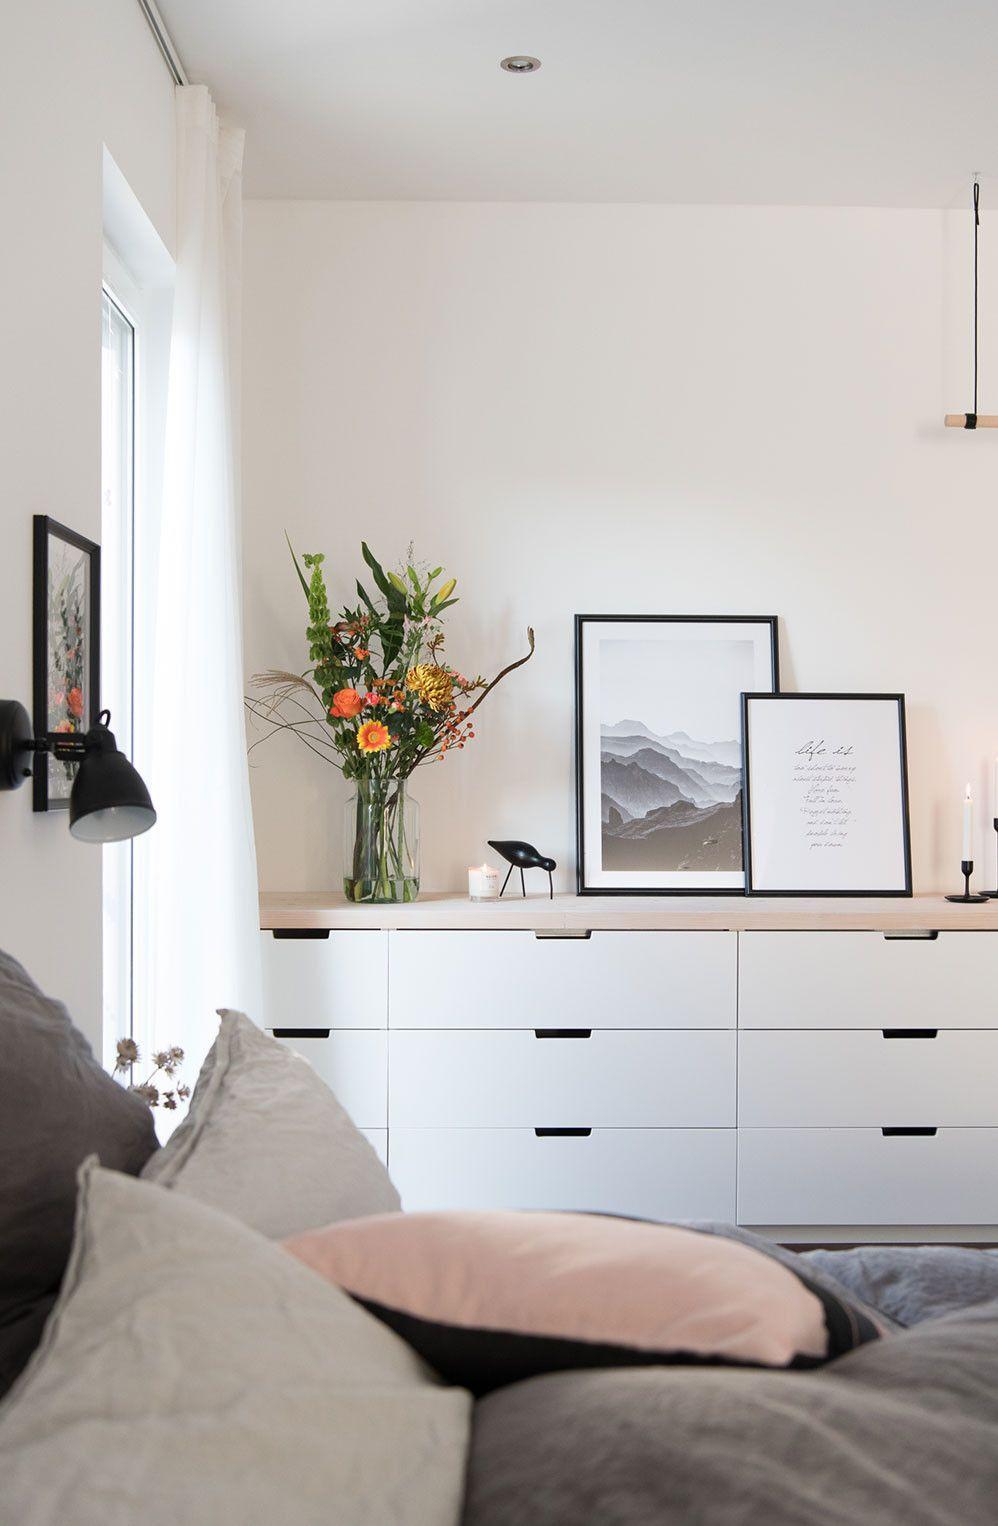 schlafzimmer ikea nordli kommode mit Bildern ...